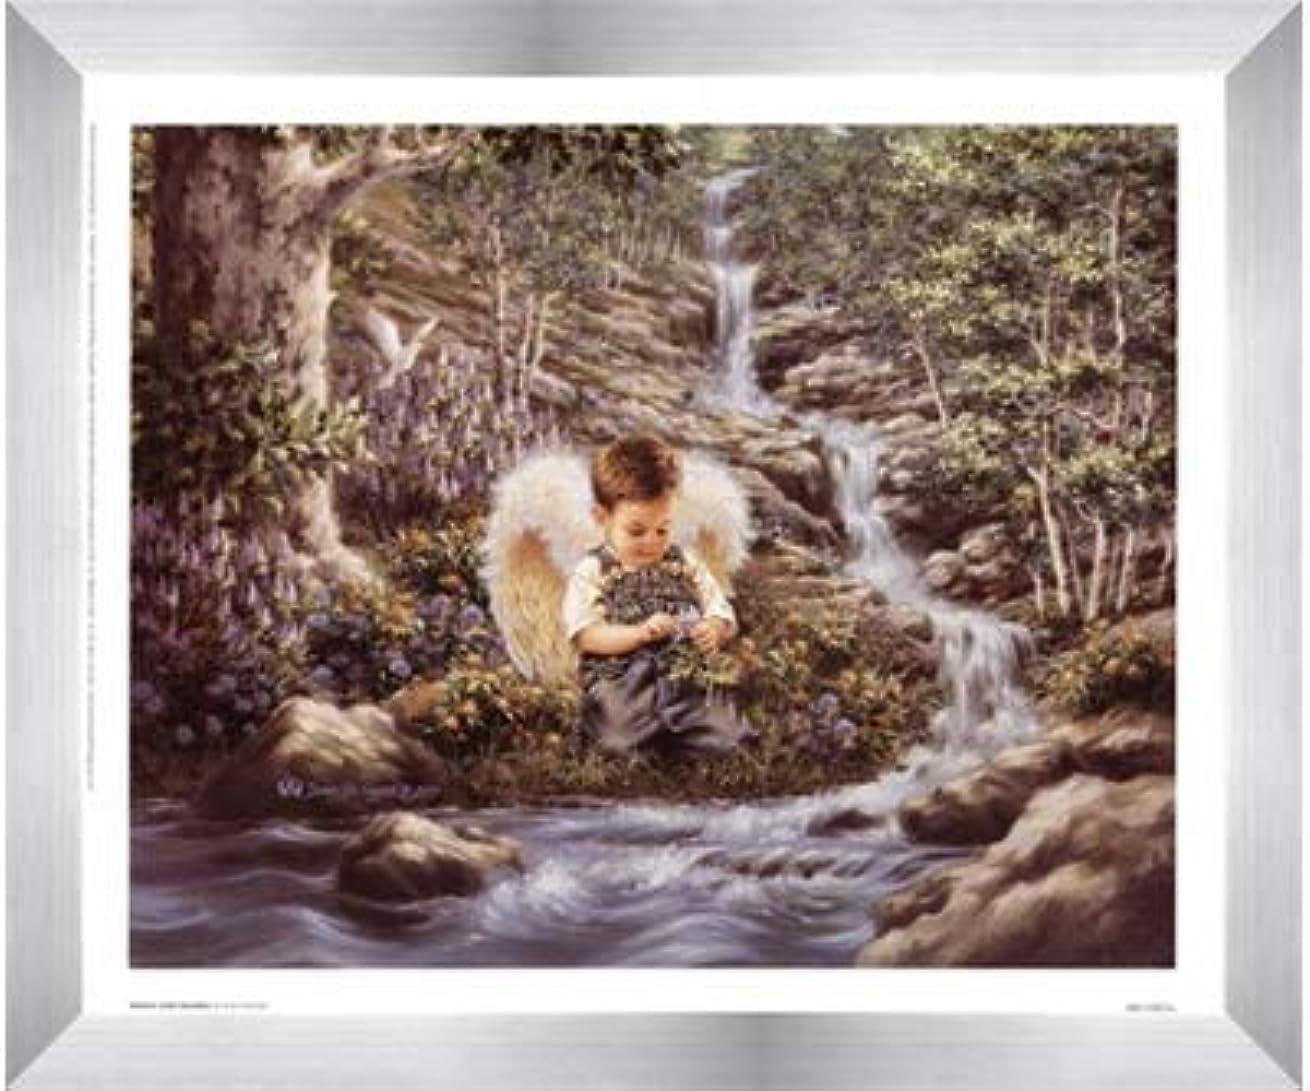 捨てるメニュー埋め込むNature 's Little Guardian By Dona Gelsinger – 12 x 10インチ – アートプリントポスター LE_474489-F9935-12x10